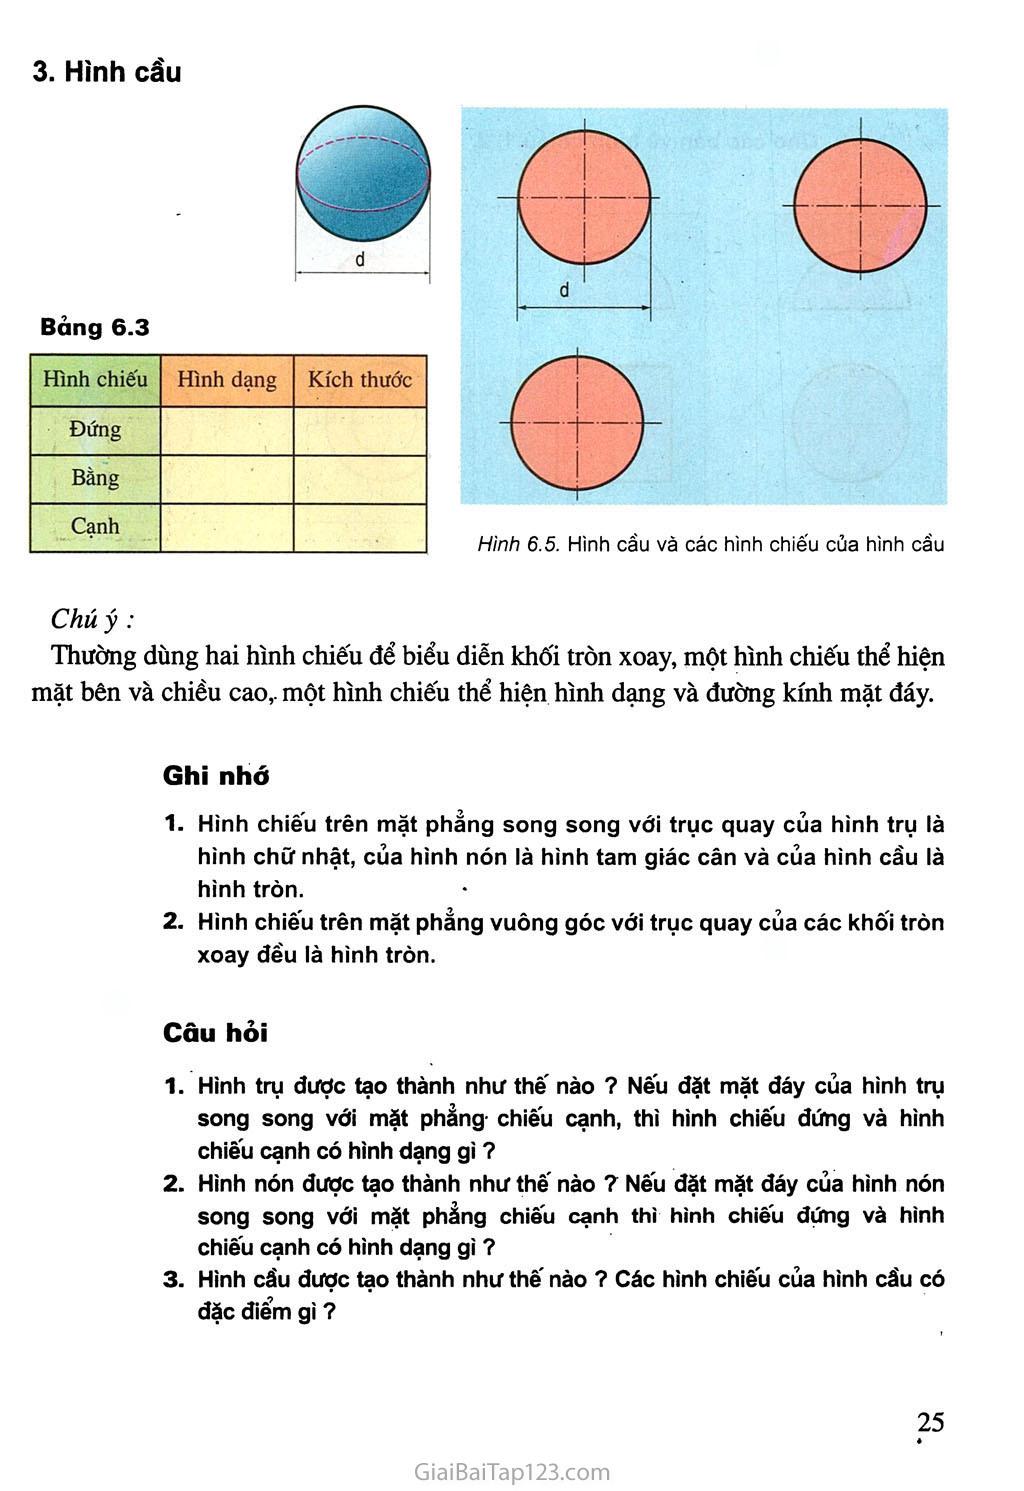 Bài 6. Bản vẽ các khối tròn xoay trang 3